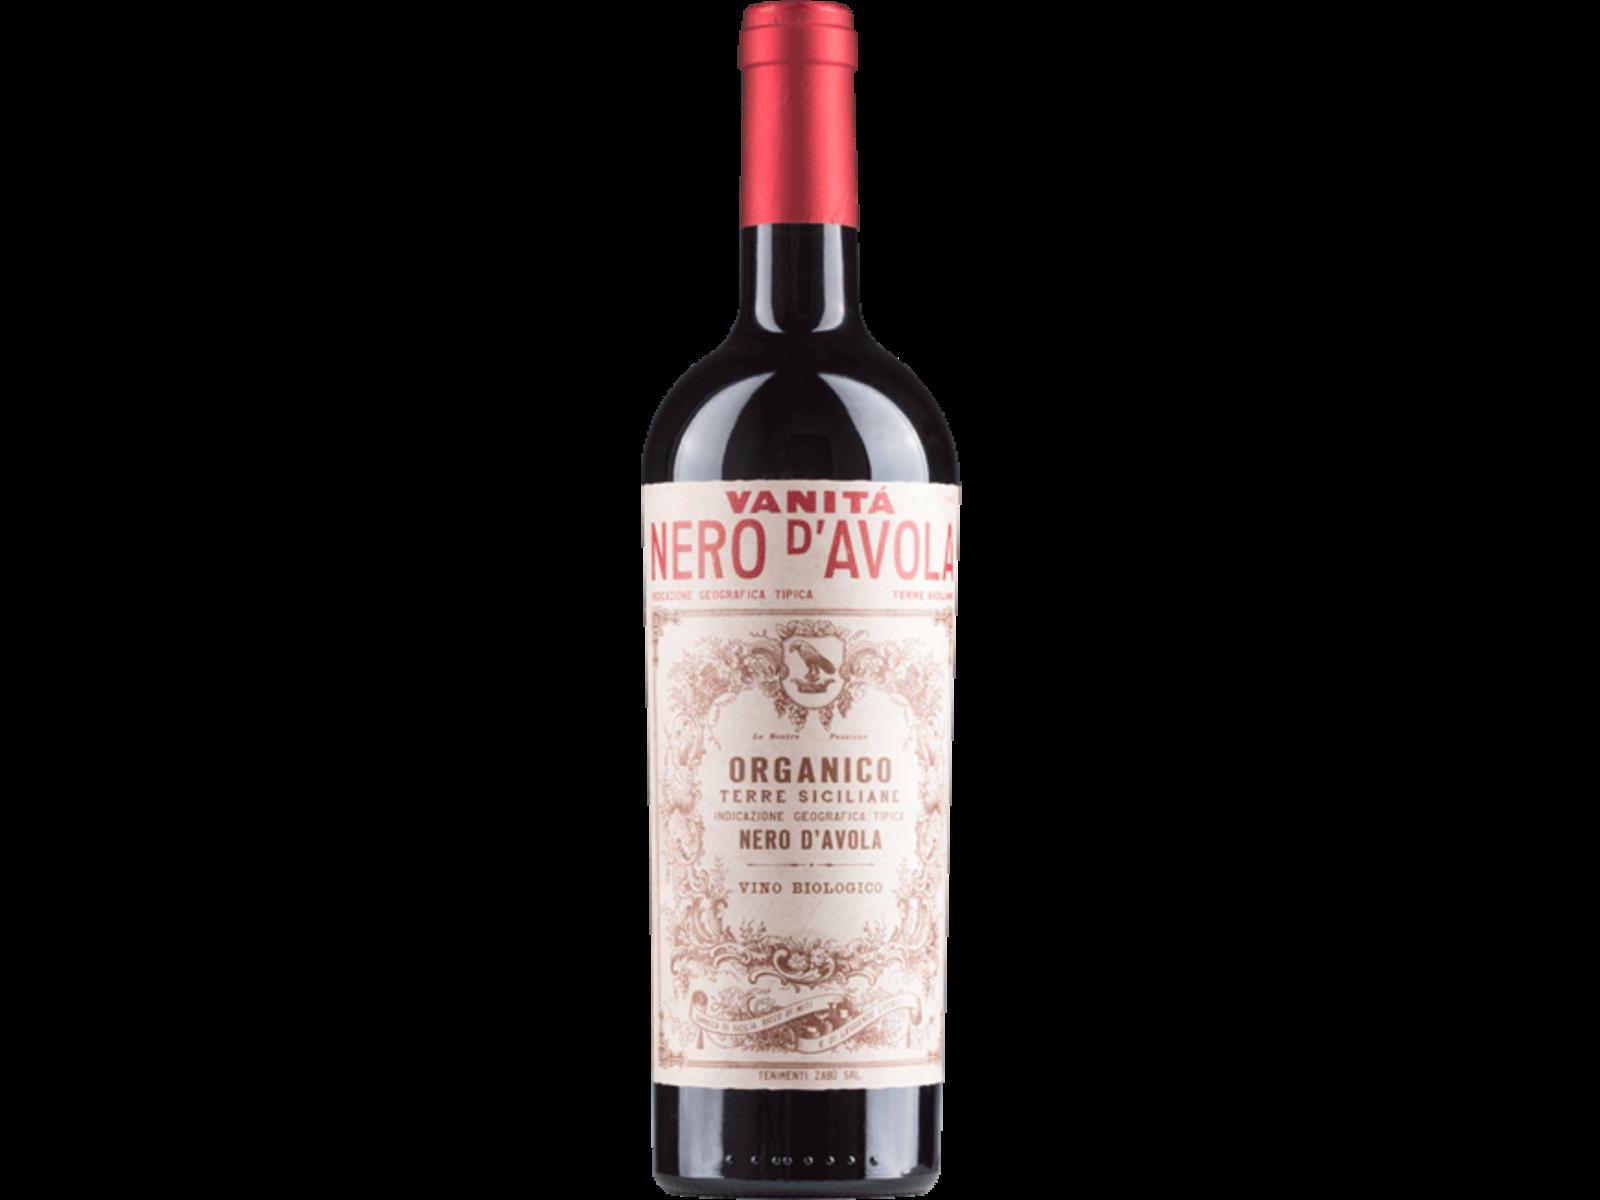 Farnese Vini Vanita / Nero d'Avola / Organic